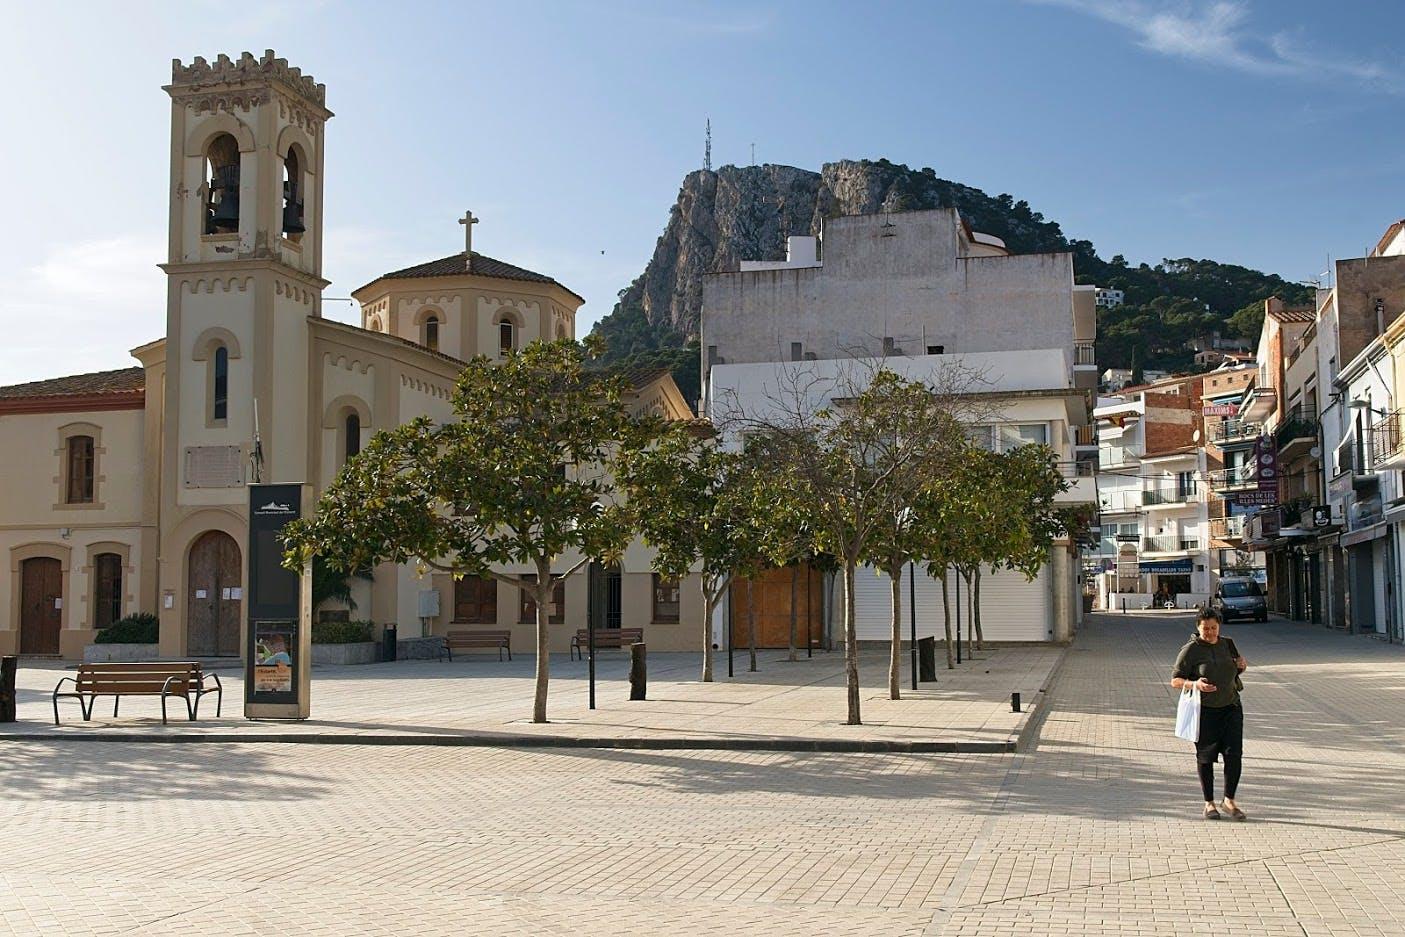 l'Estartit - NKC motorhome tour Spain 2020 city and nature